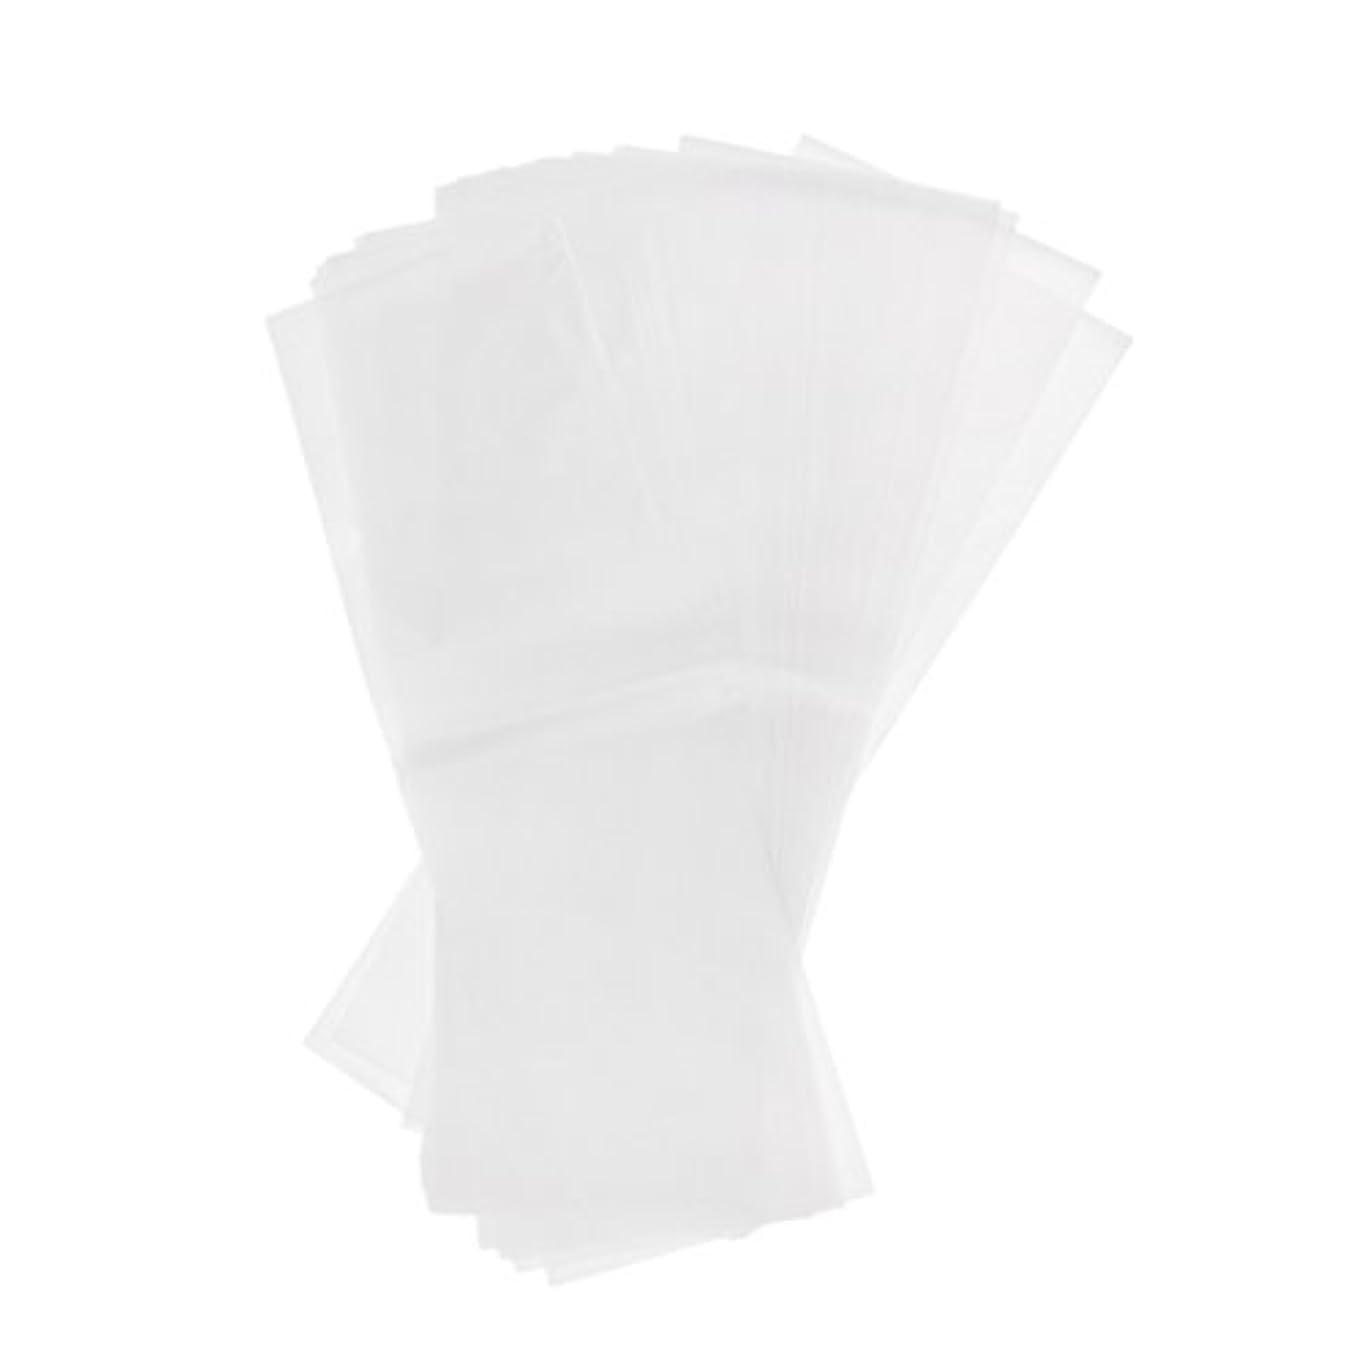 切り離す世界記録のギネスブック時々SM SunniMix ヘアカラー 毛染め 分版用紙 ハイライトシート 毛染め紙 再利用可能な 透明 2仕様選べ - ホワイト